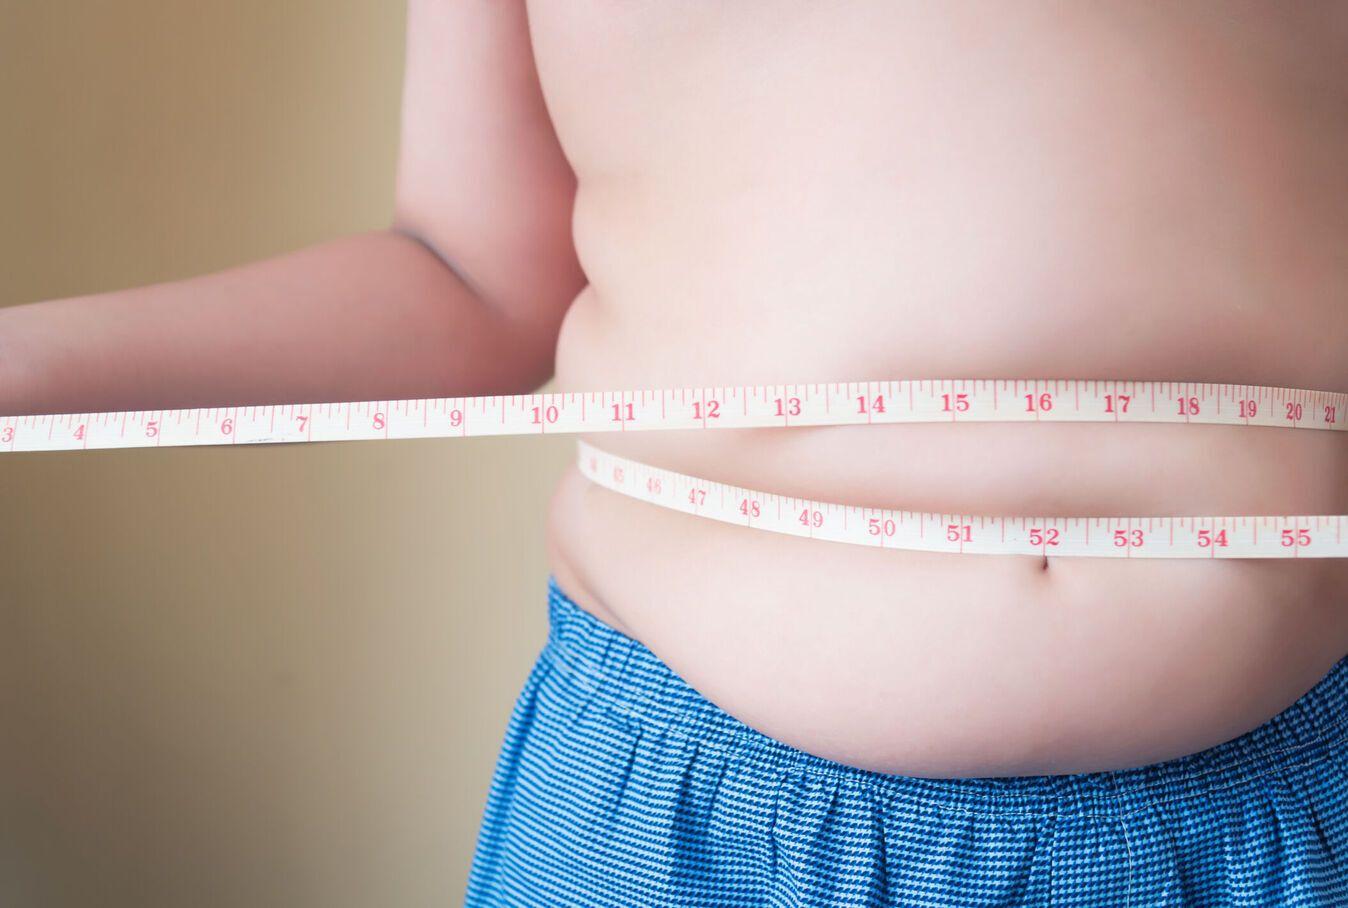 façons de perdre du poids lorsque vous êtes obèse